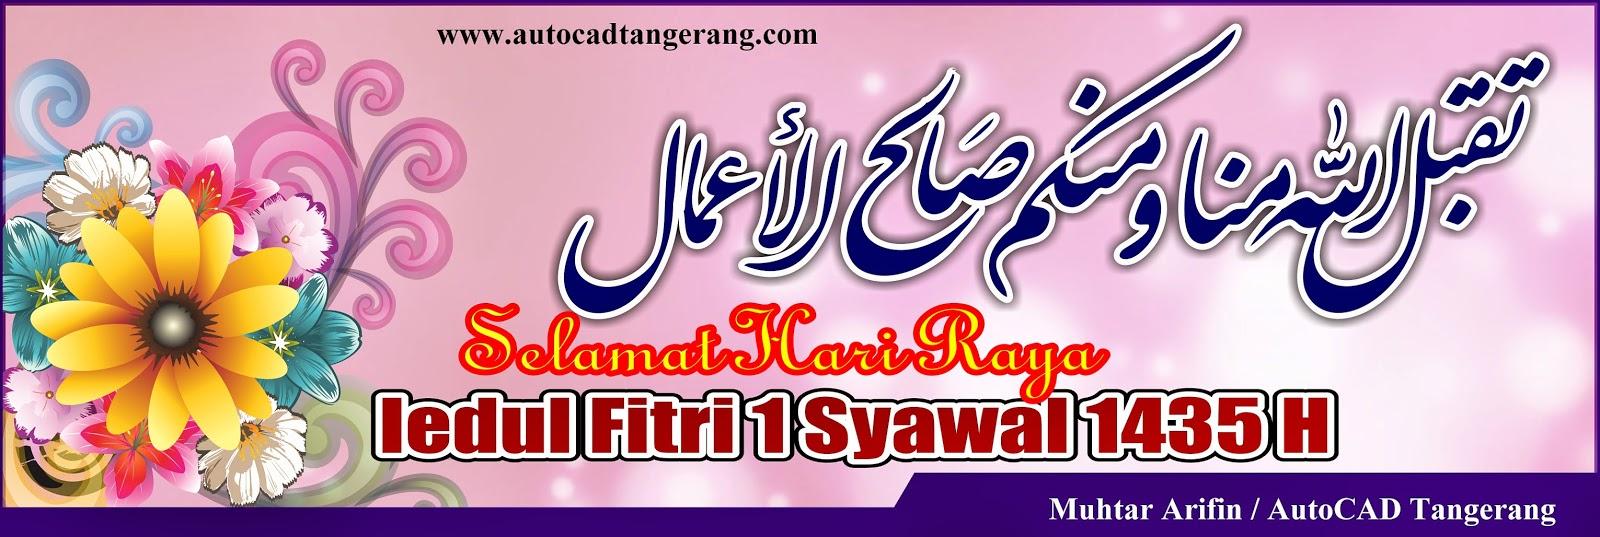 Selamat Hari Raya Idul Fitri 1435 H.